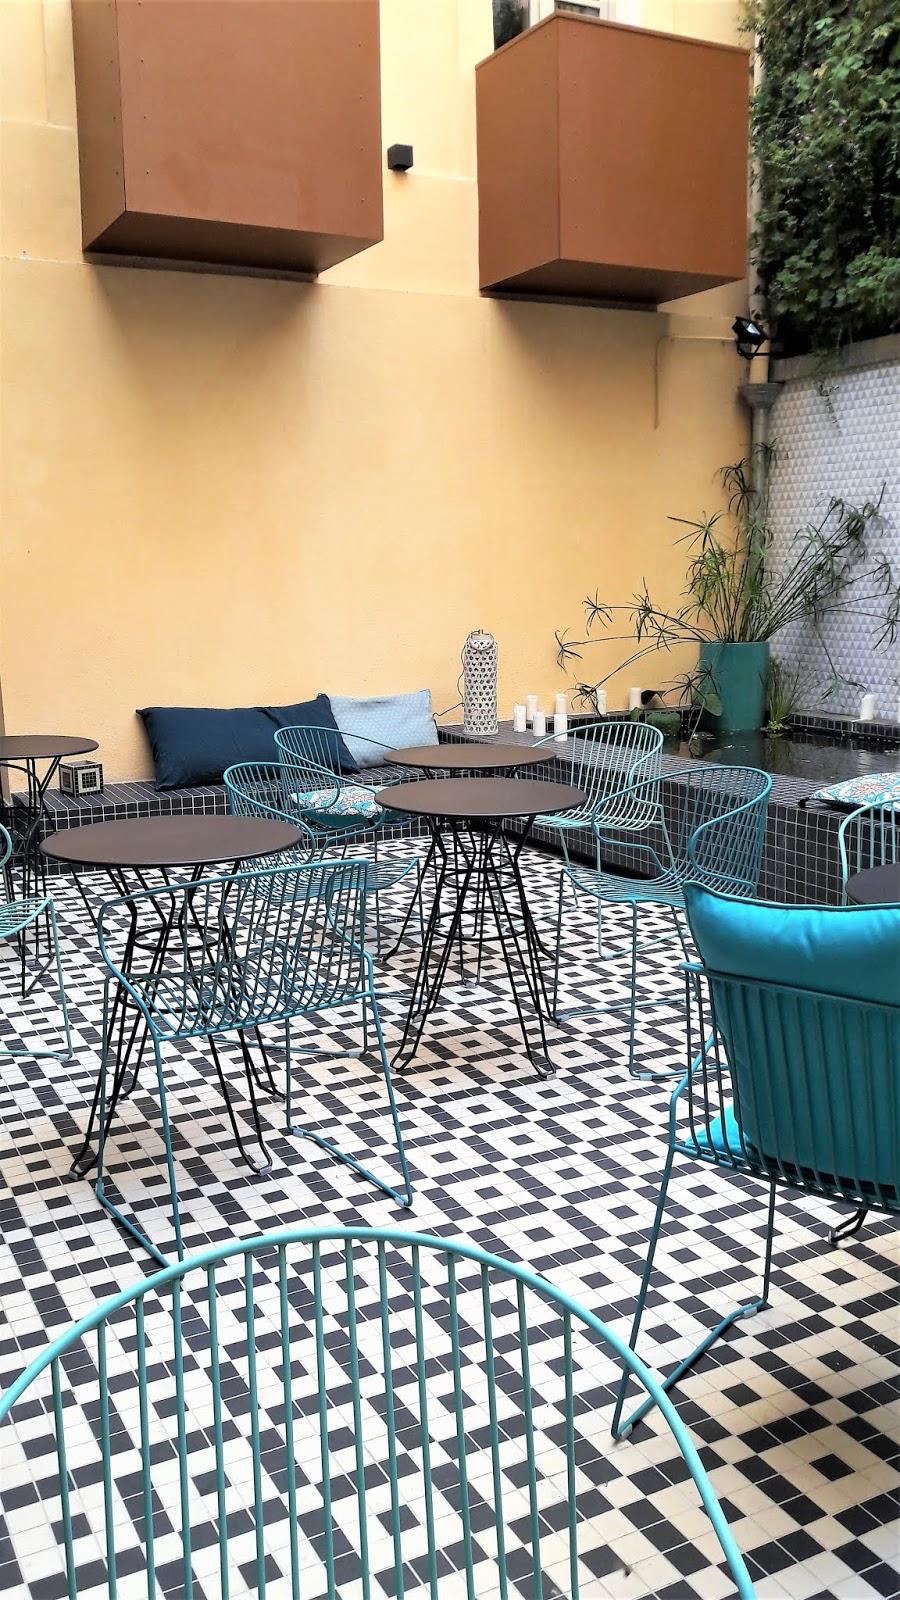 2394bd6a2ba46 hotel-best-western-la-joliette-marseille-patio-interieur.jpg